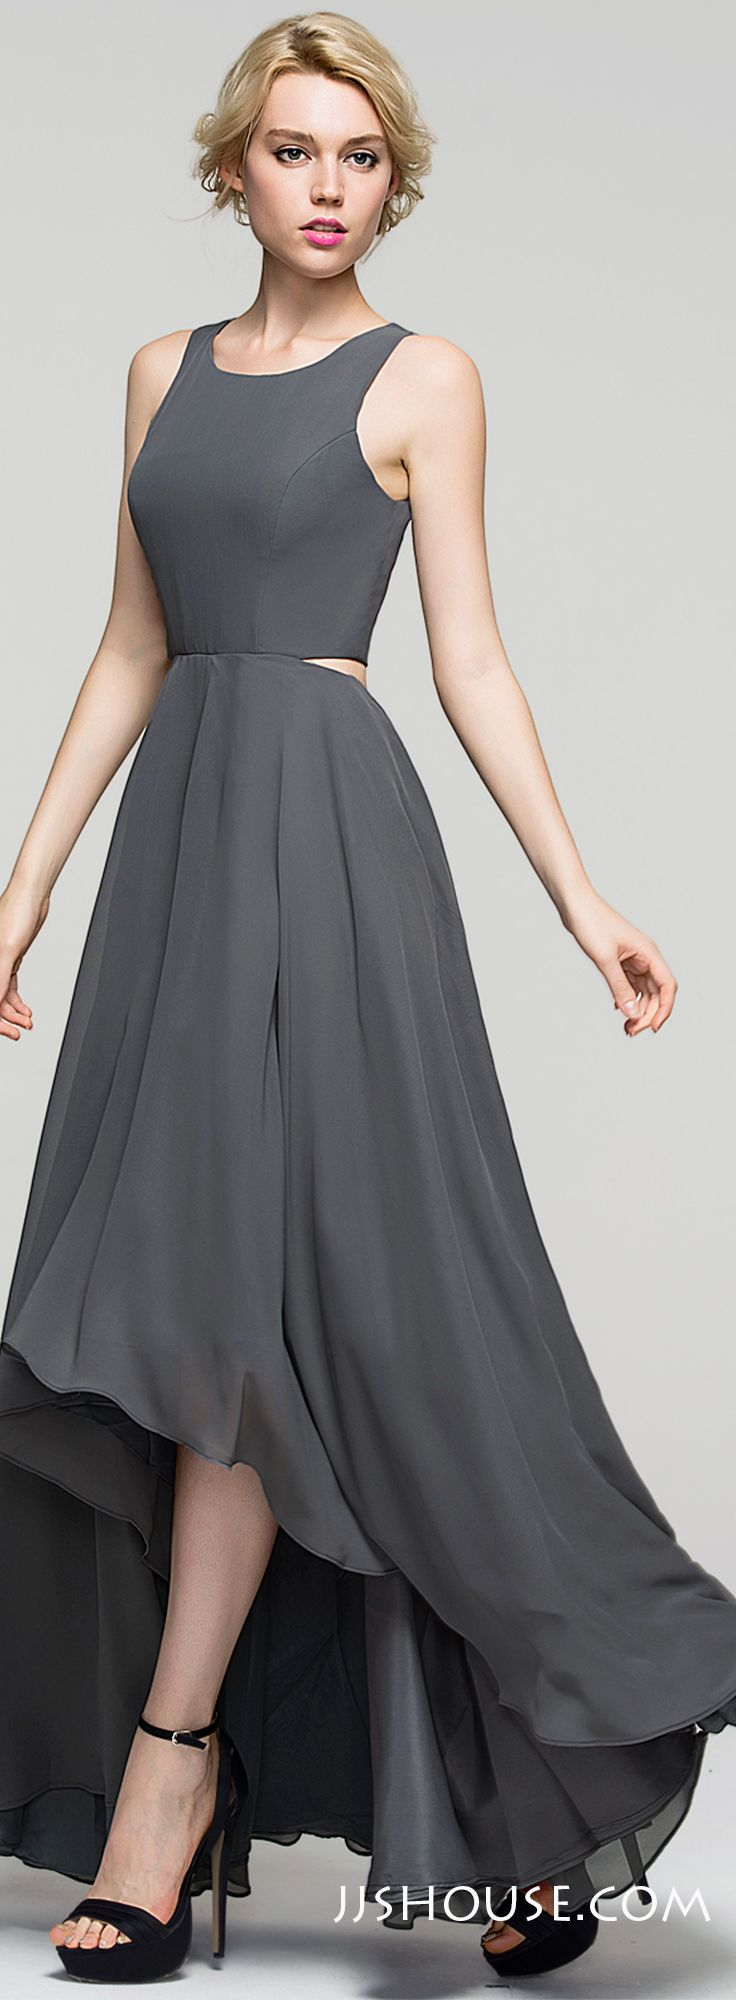 Best 25  Chiffon evening dresses ideas on Pinterest | Silver ball ...